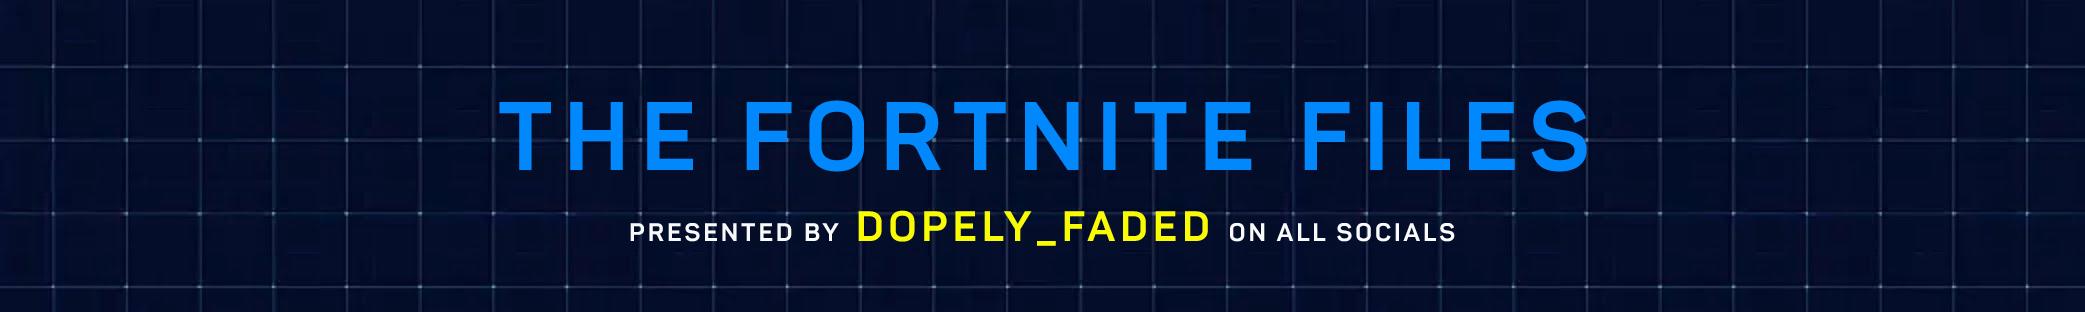 Fortnite Files Header